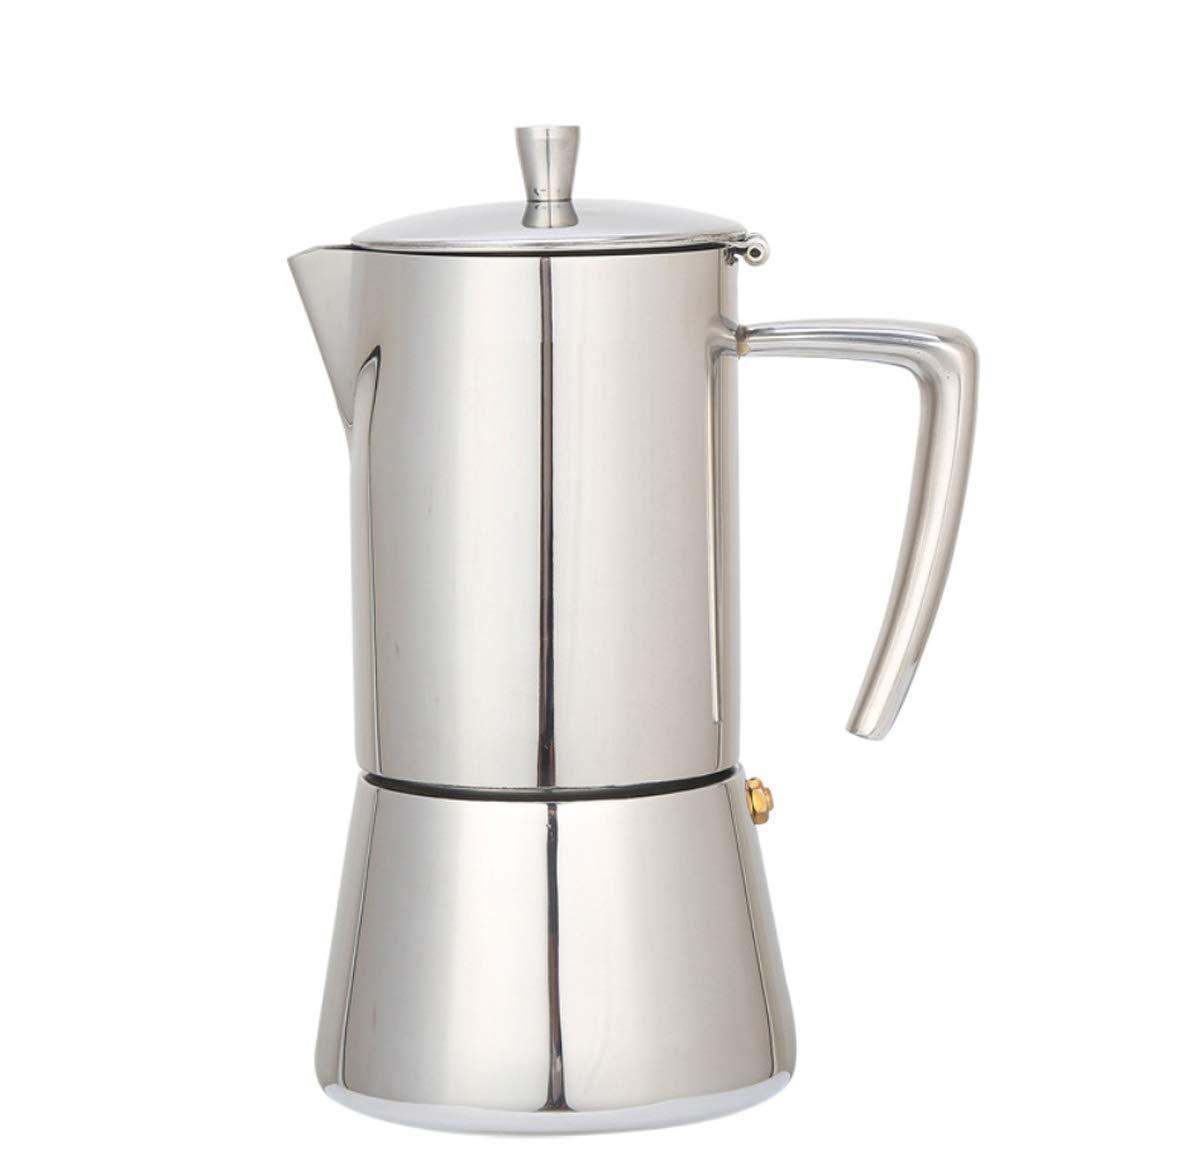 Cafetera, Cafetera Acero Inoxidable Utensilios De Café Italiano Extracción Concentrado Mocha Cafetera Para El Hogar (6 Tazas): Amazon.es: Hogar